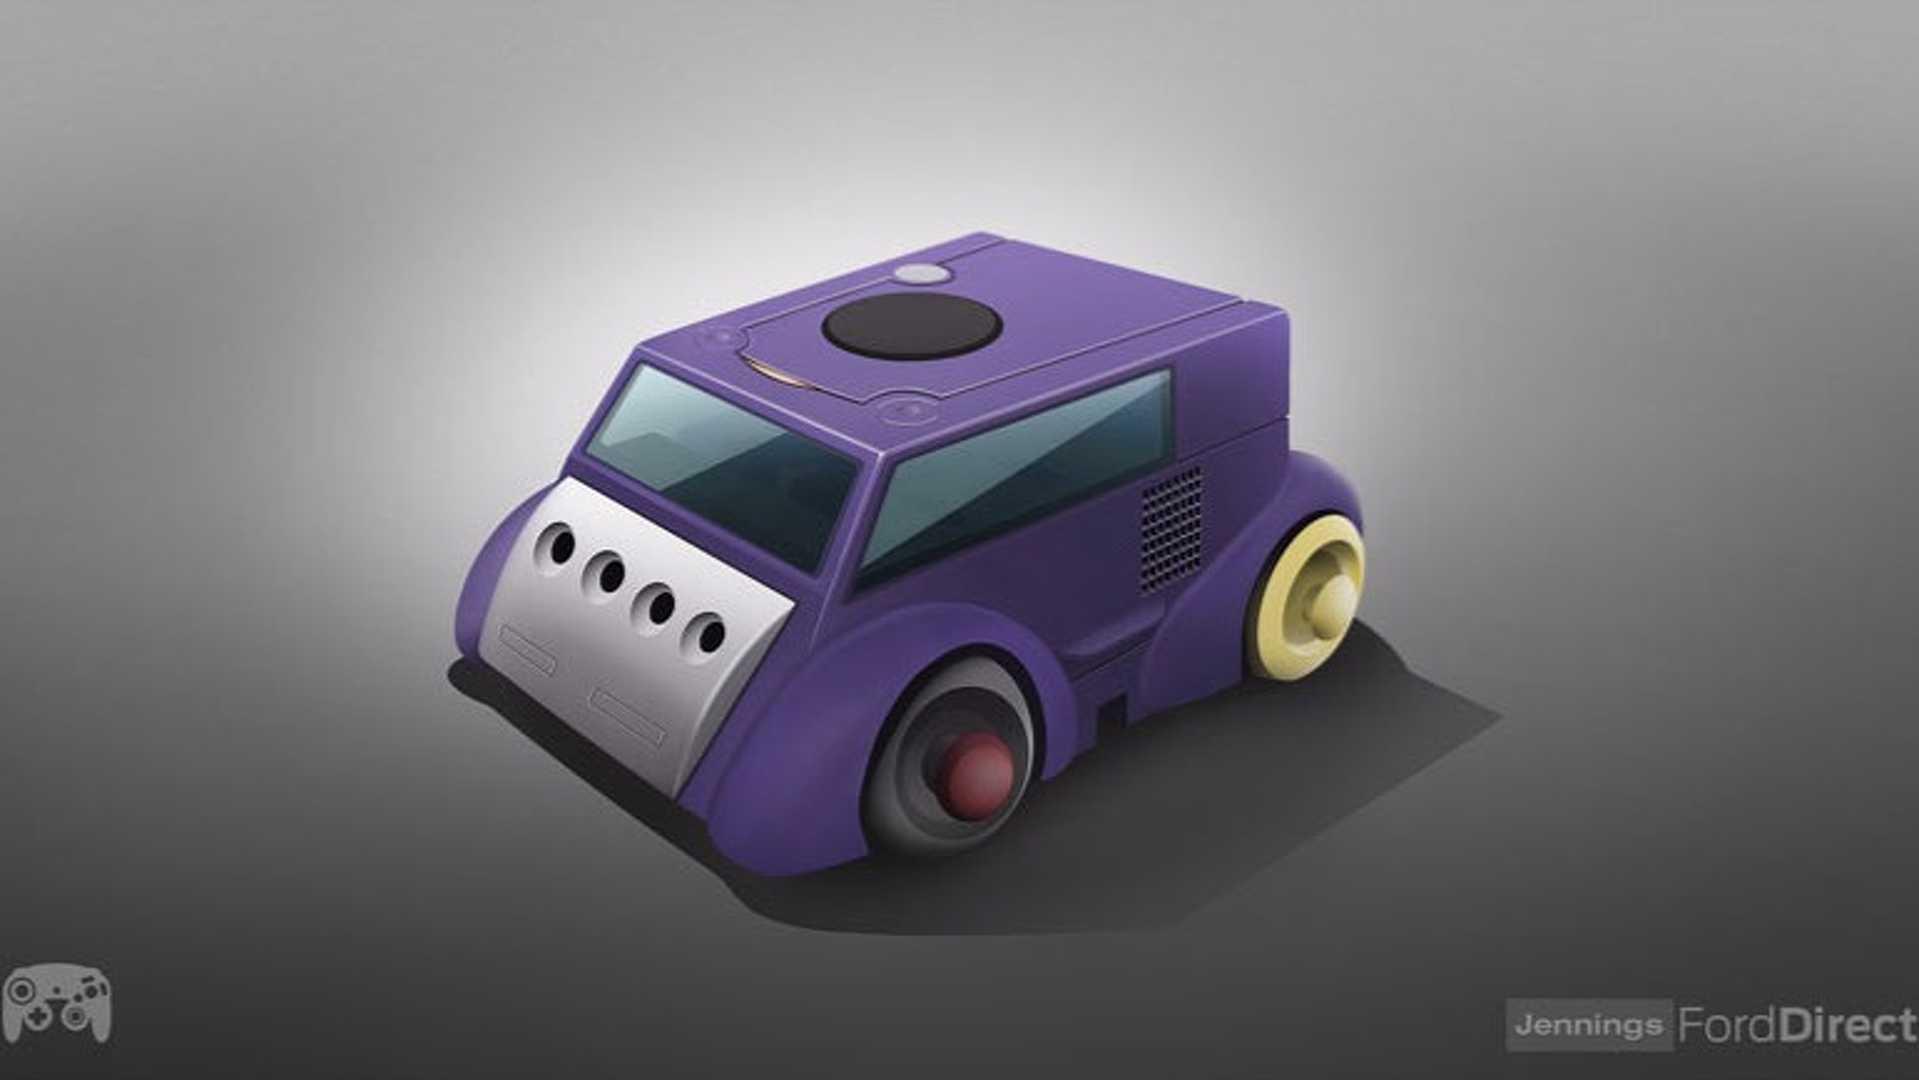 voitures-consoles-de-jeu (1)